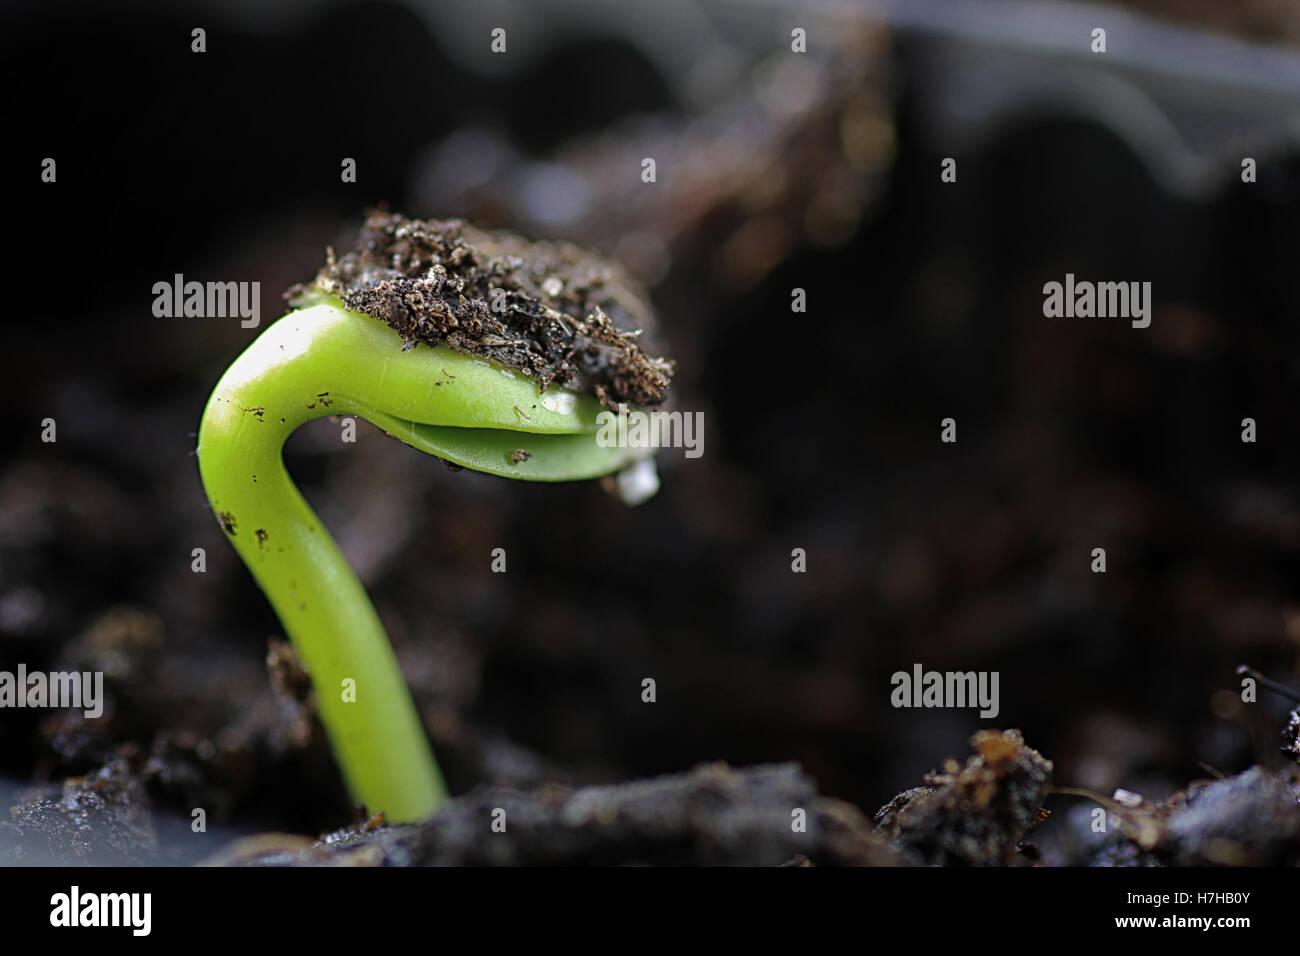 A partir de semillas germinadas pequeños Imagen De Stock